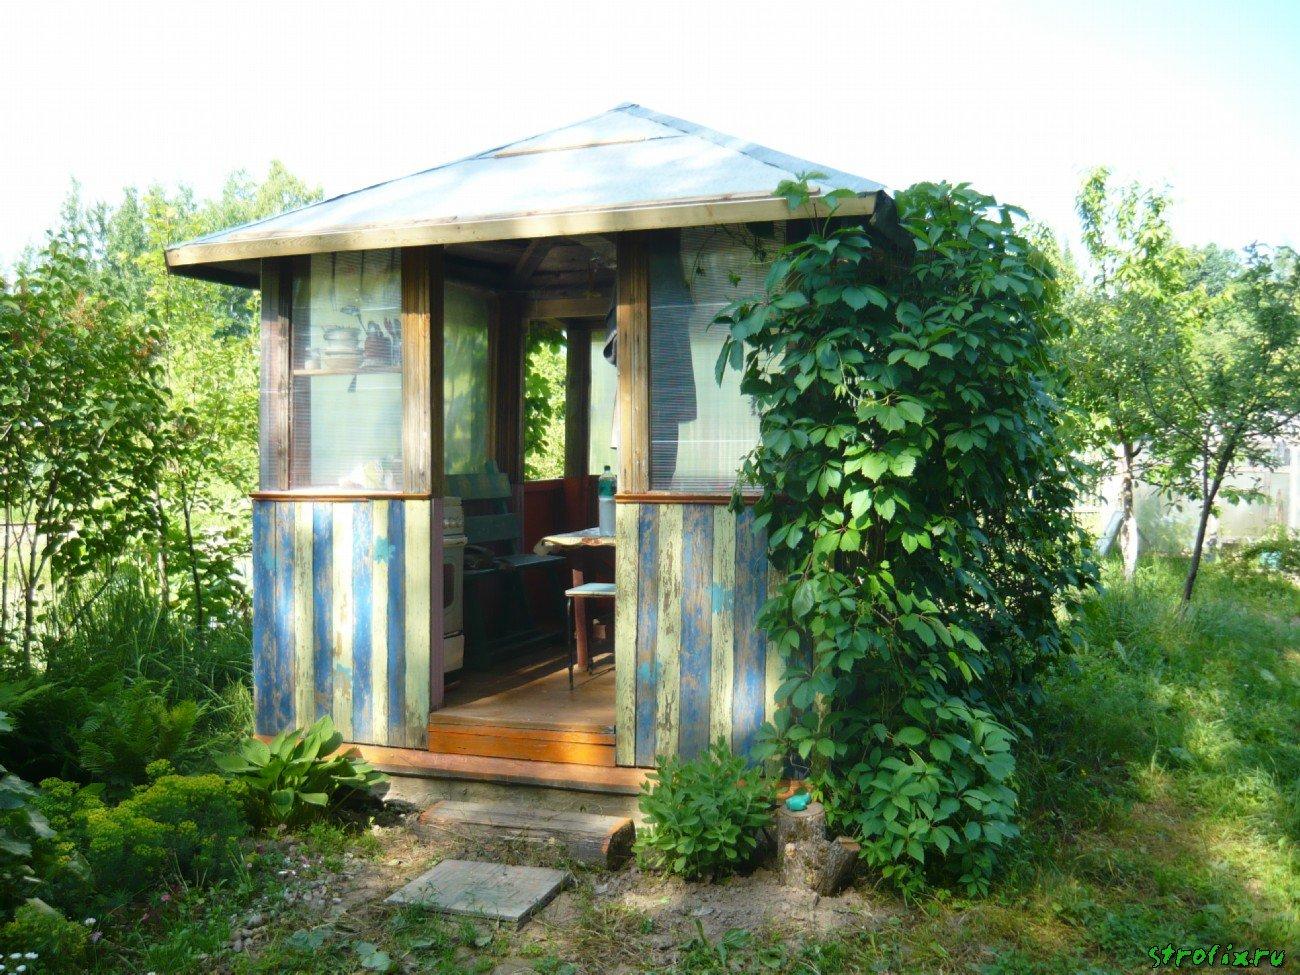 Садовый домик из подручных материалов фото